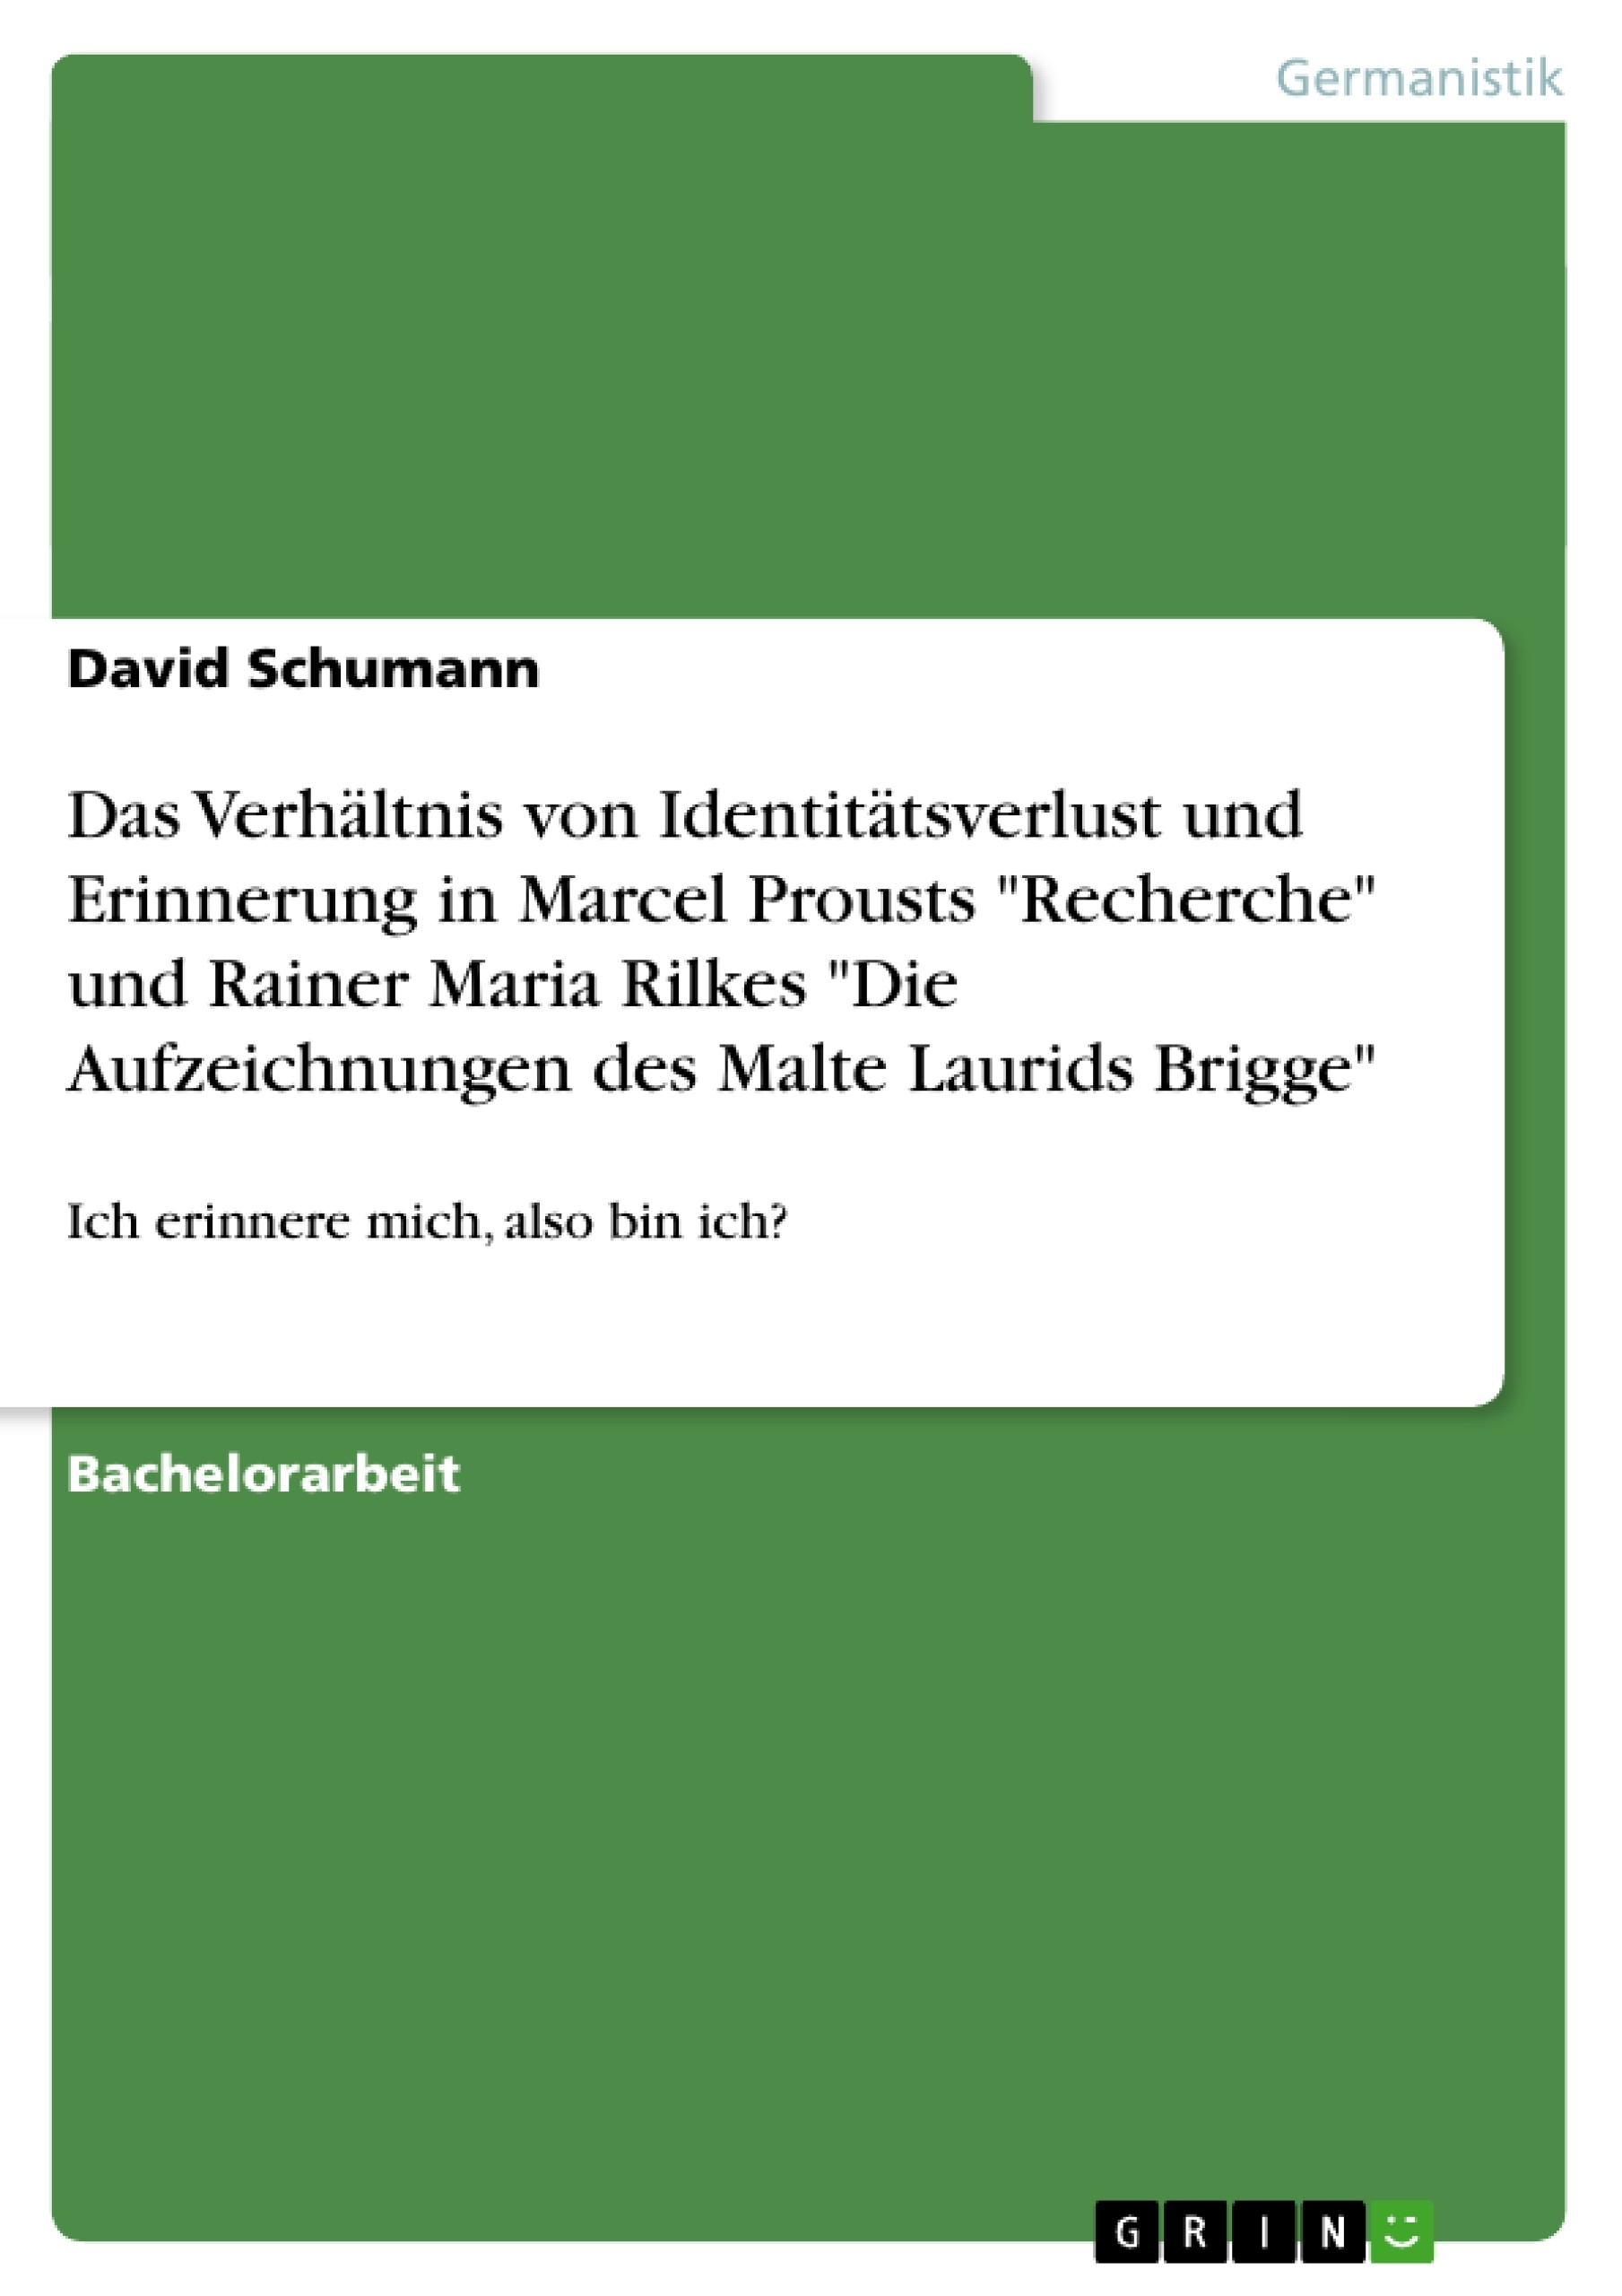 """Titel: Das Verhältnis von Identitätsverlust und Erinnerung in Marcel Prousts """"Recherche"""" und Rainer Maria Rilkes """"Die Aufzeichnungen des Malte Laurids Brigge"""""""